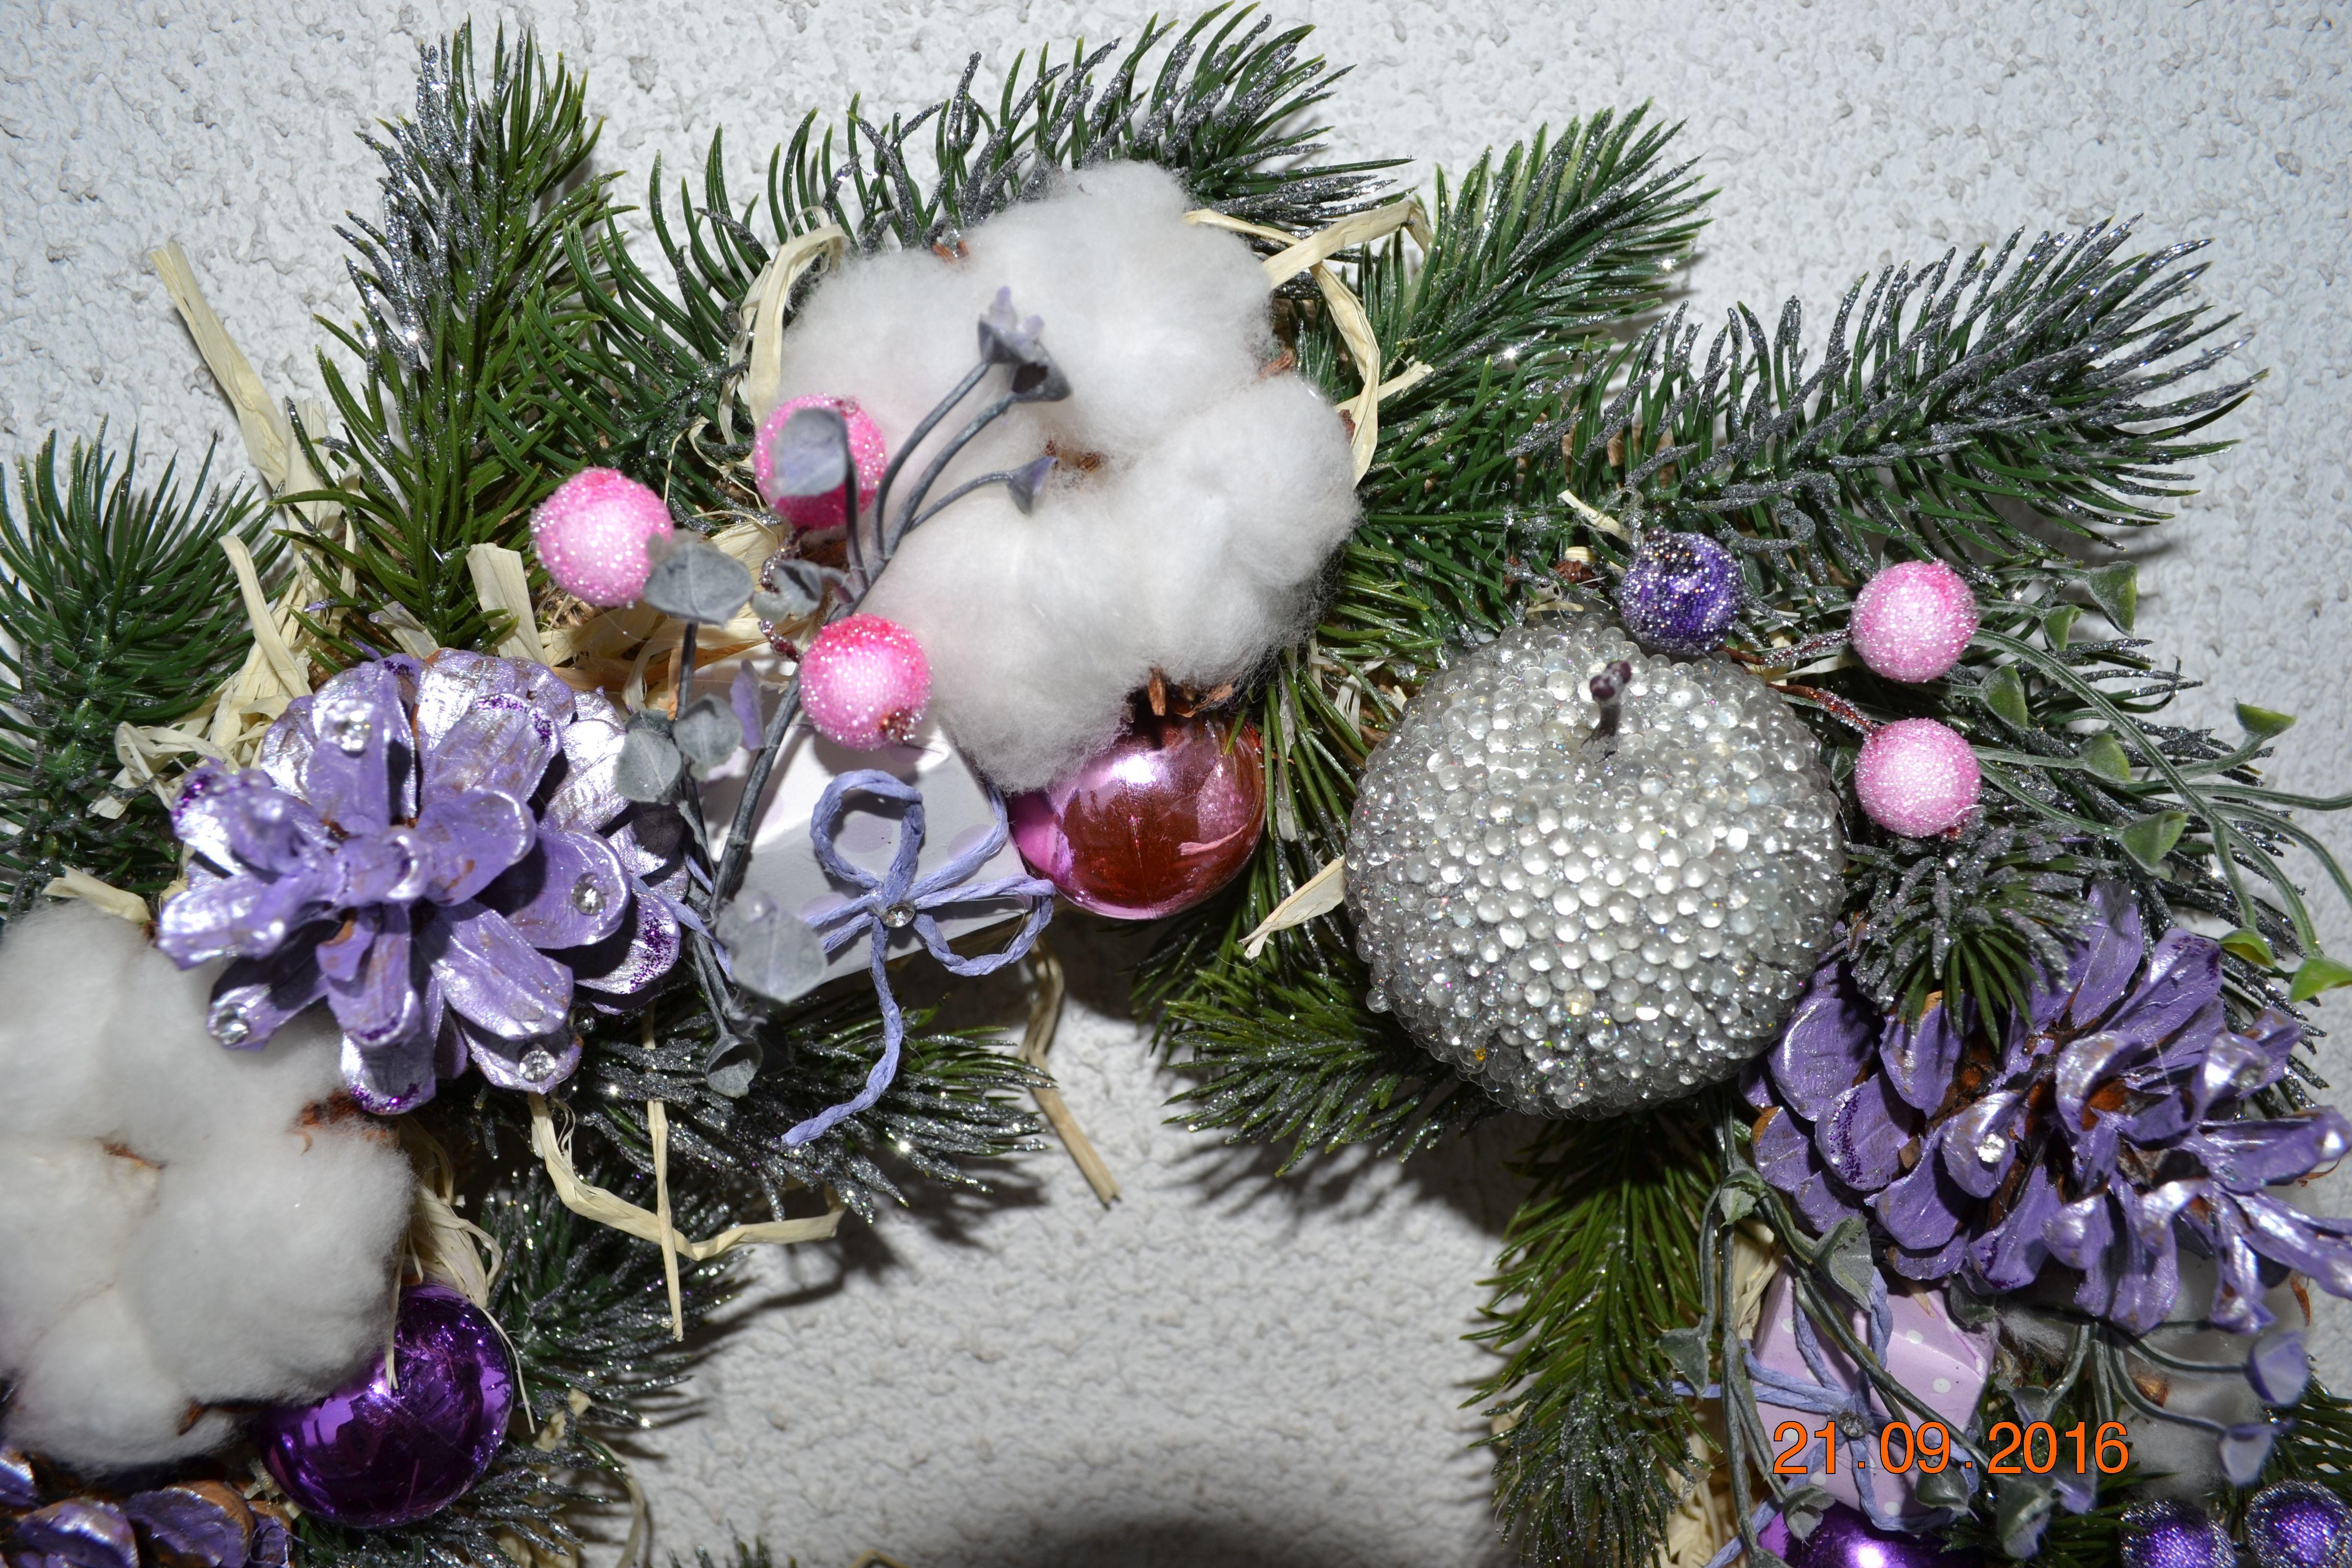 мандарин рождество зима год новый шишки декабря 31 апельсин елка подарок венок